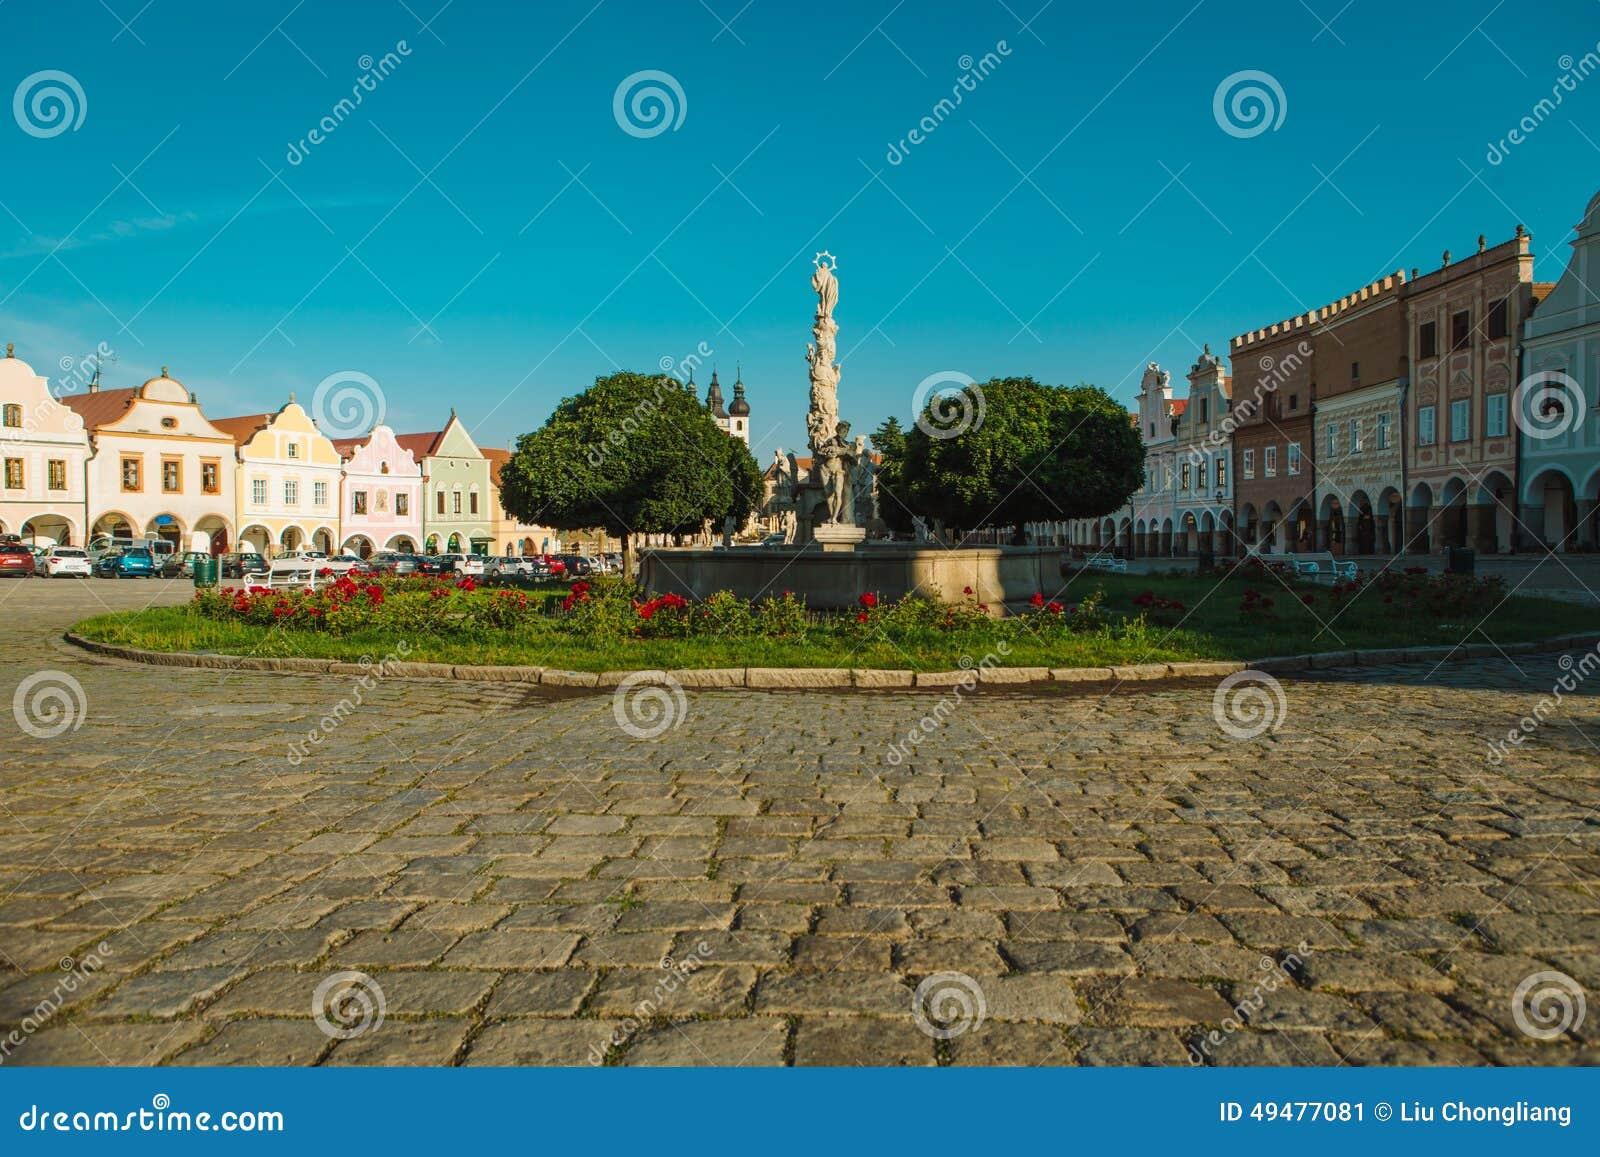 Marktplatz In Telc Mit Renaissance Und Barocken Bunten Häusern ...